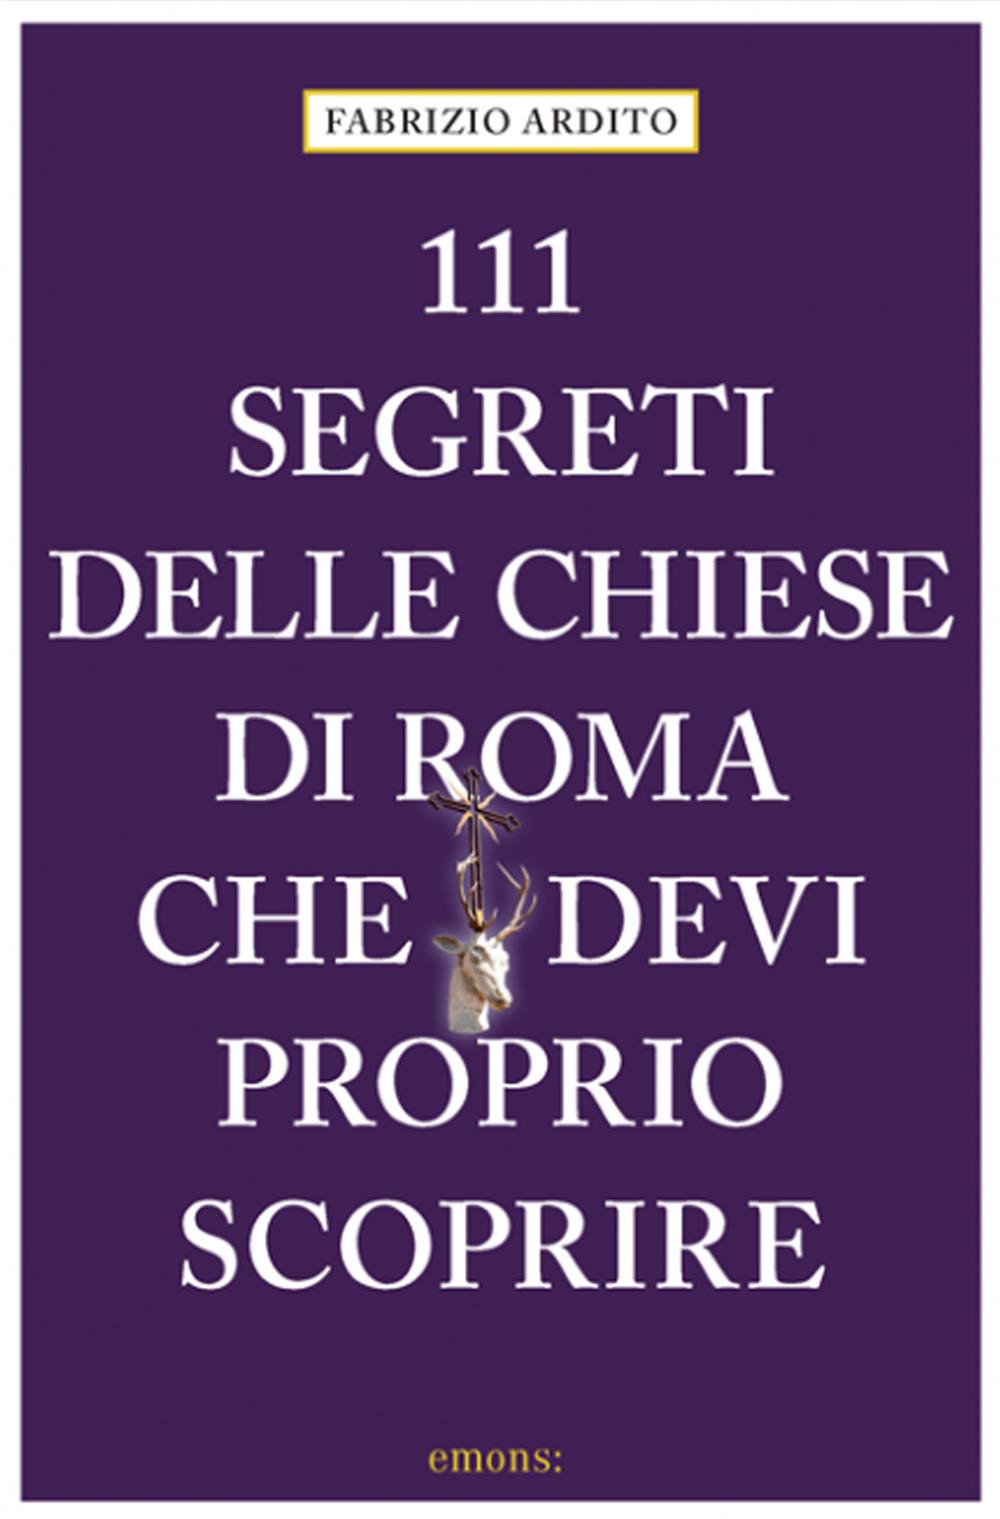 111 SEGRETI DELLE CHIESE DI ROMA CHE DEVI PROPRIO SCOPRIRE - Ardito Fabrizio - 9783740810290